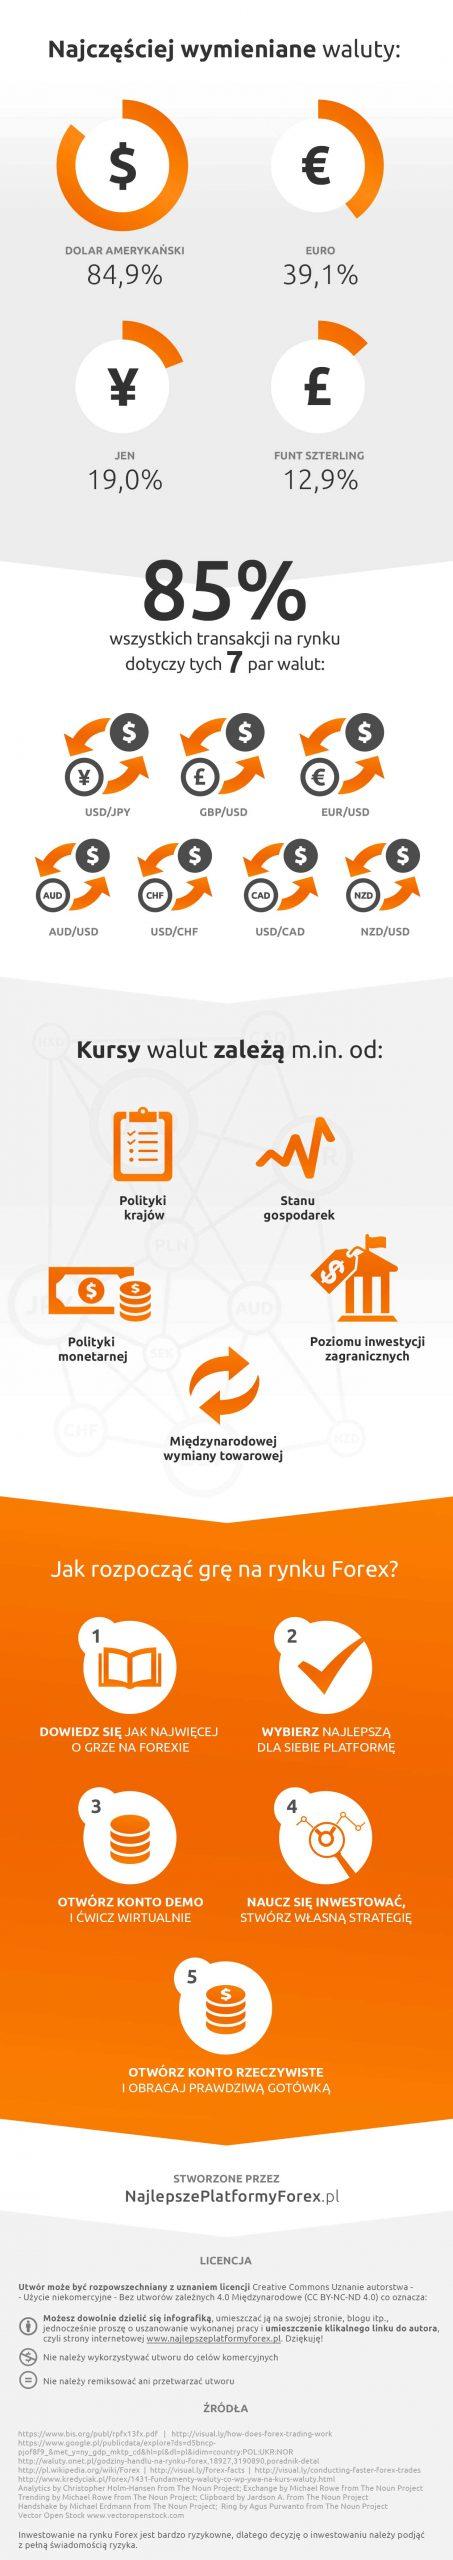 infografika cfd forex 2